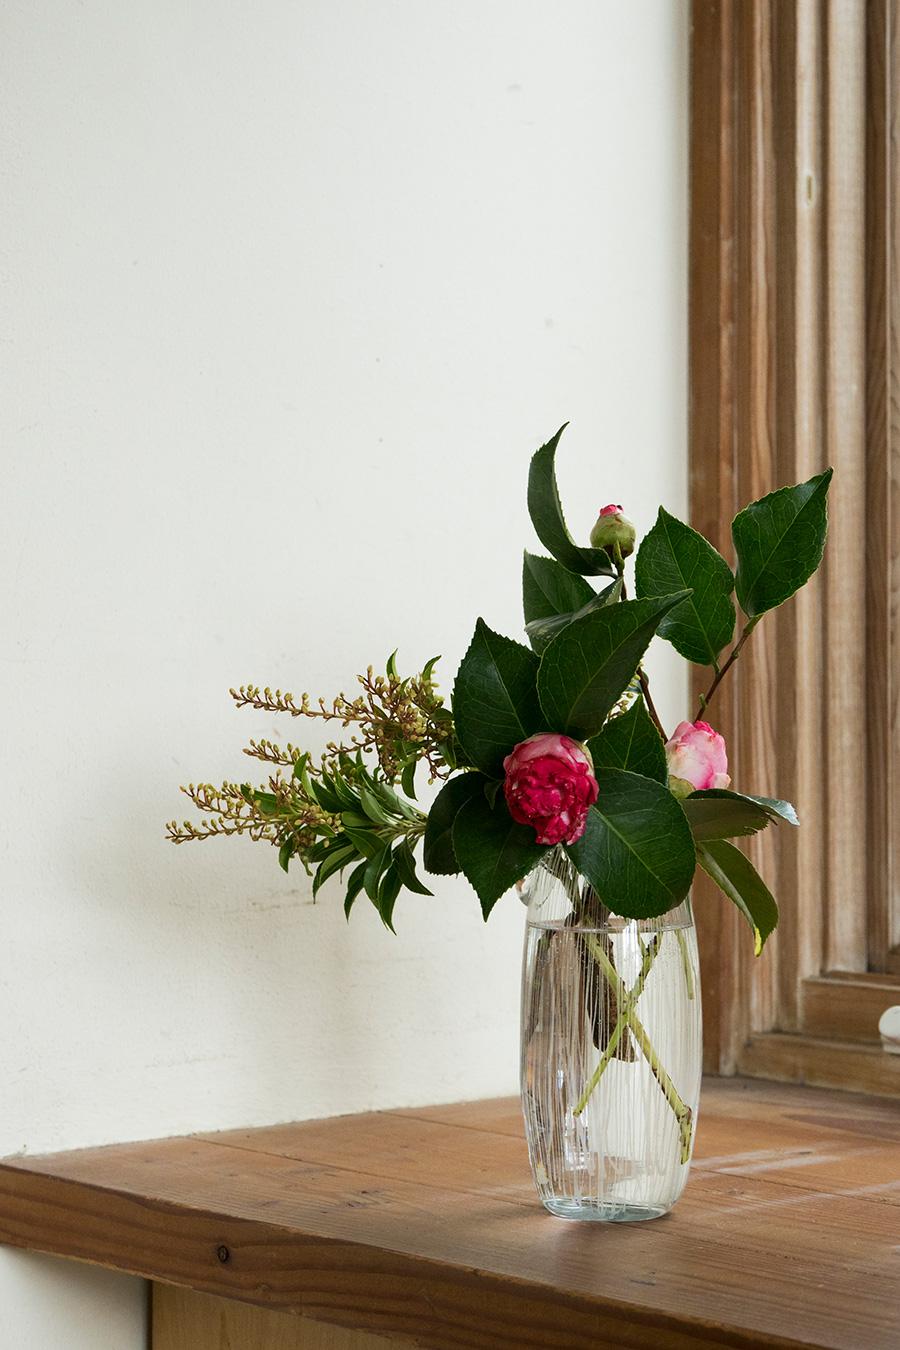 日本原産のツバキは、土ものの器と合わせると和の雰囲気に偏りがち。ガラスの花瓶に活けてクールに表現してみては。